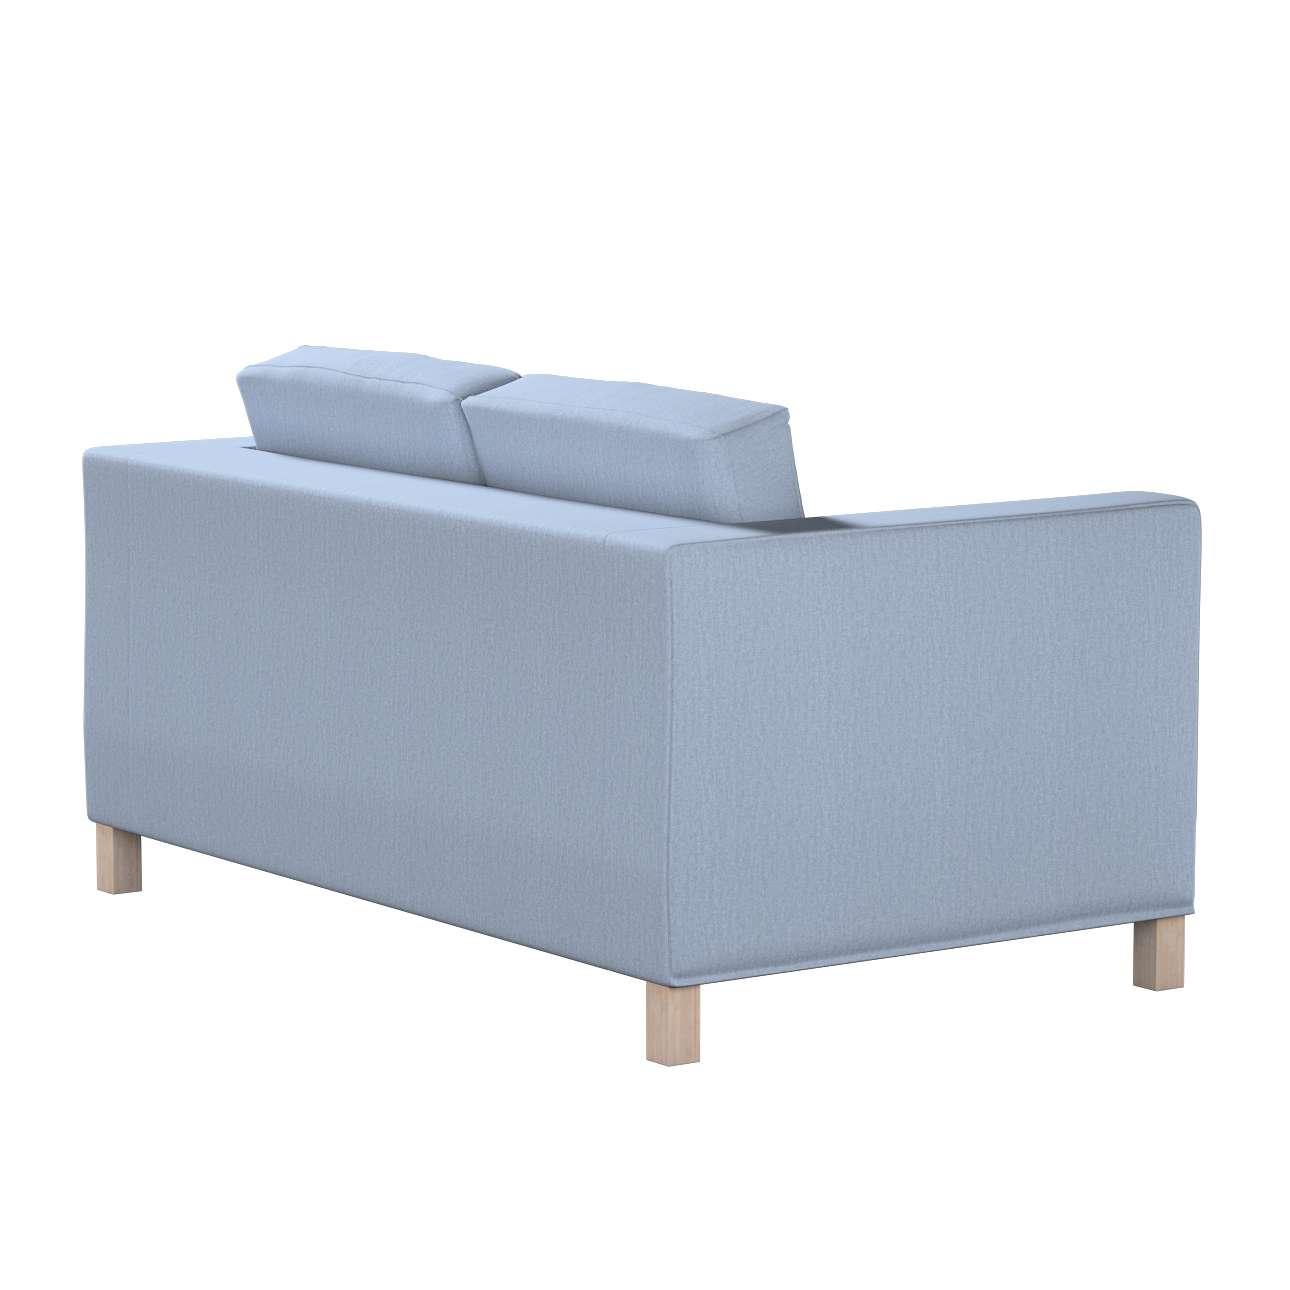 Pokrowiec na sofę Karlanda 2-osobową nierozkładaną, krótki w kolekcji Chenille, tkanina: 702-13